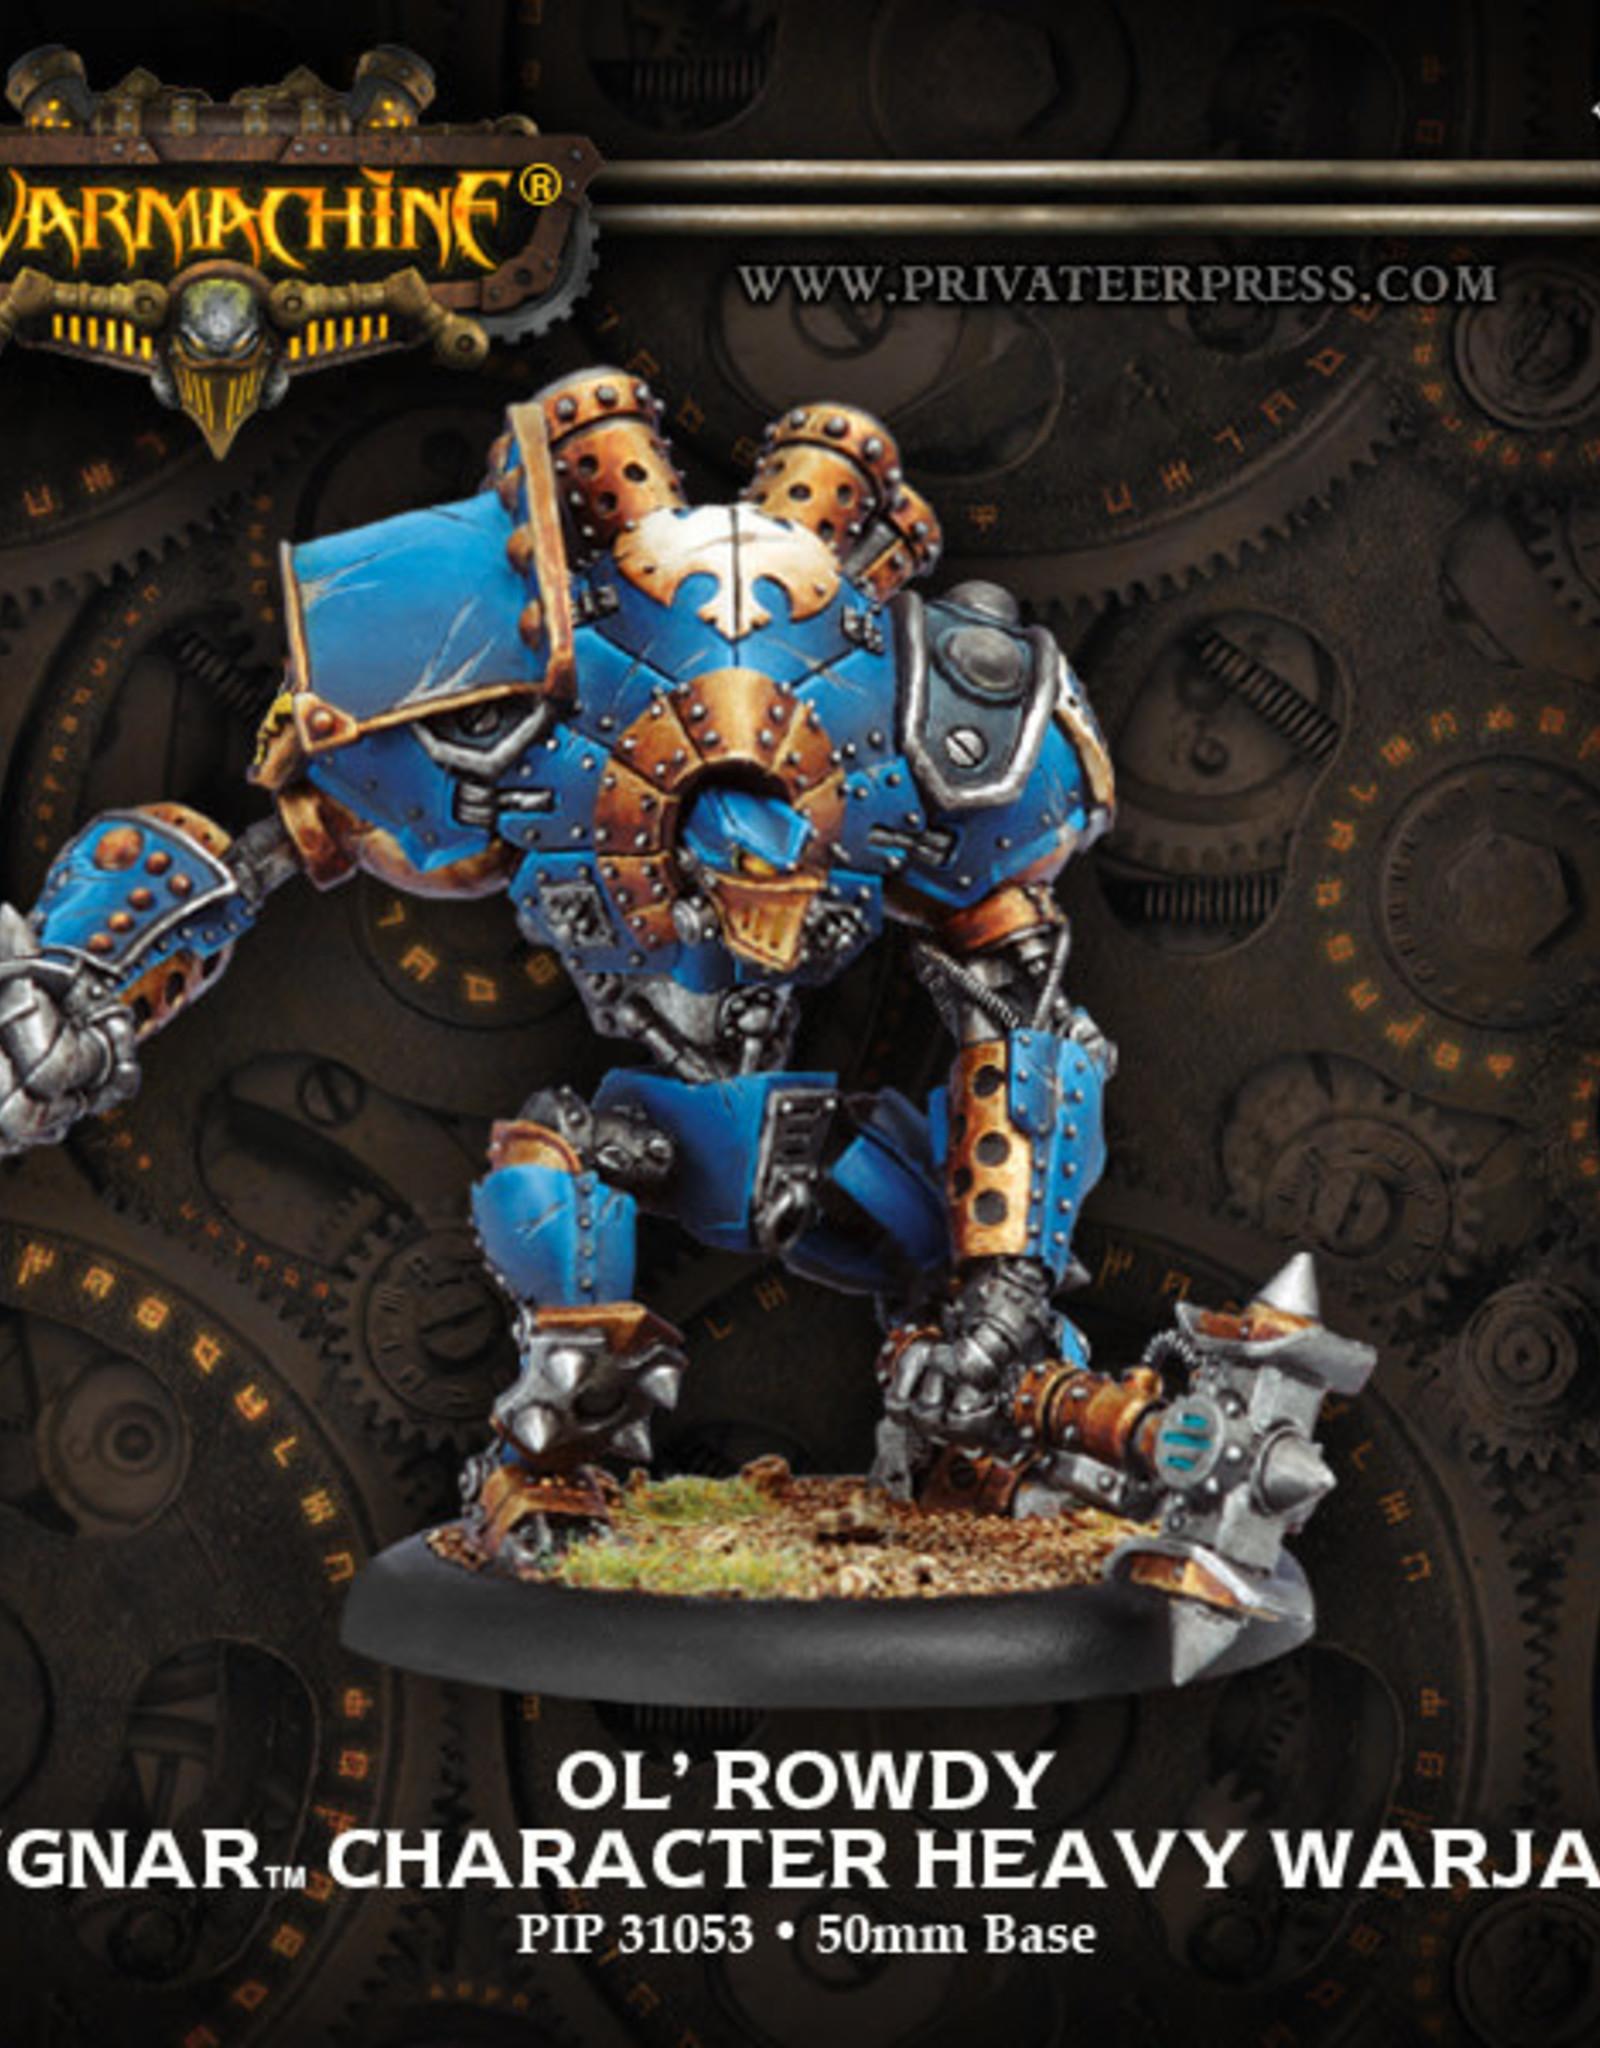 Warmachine Cygnar - Ol' Rowdy